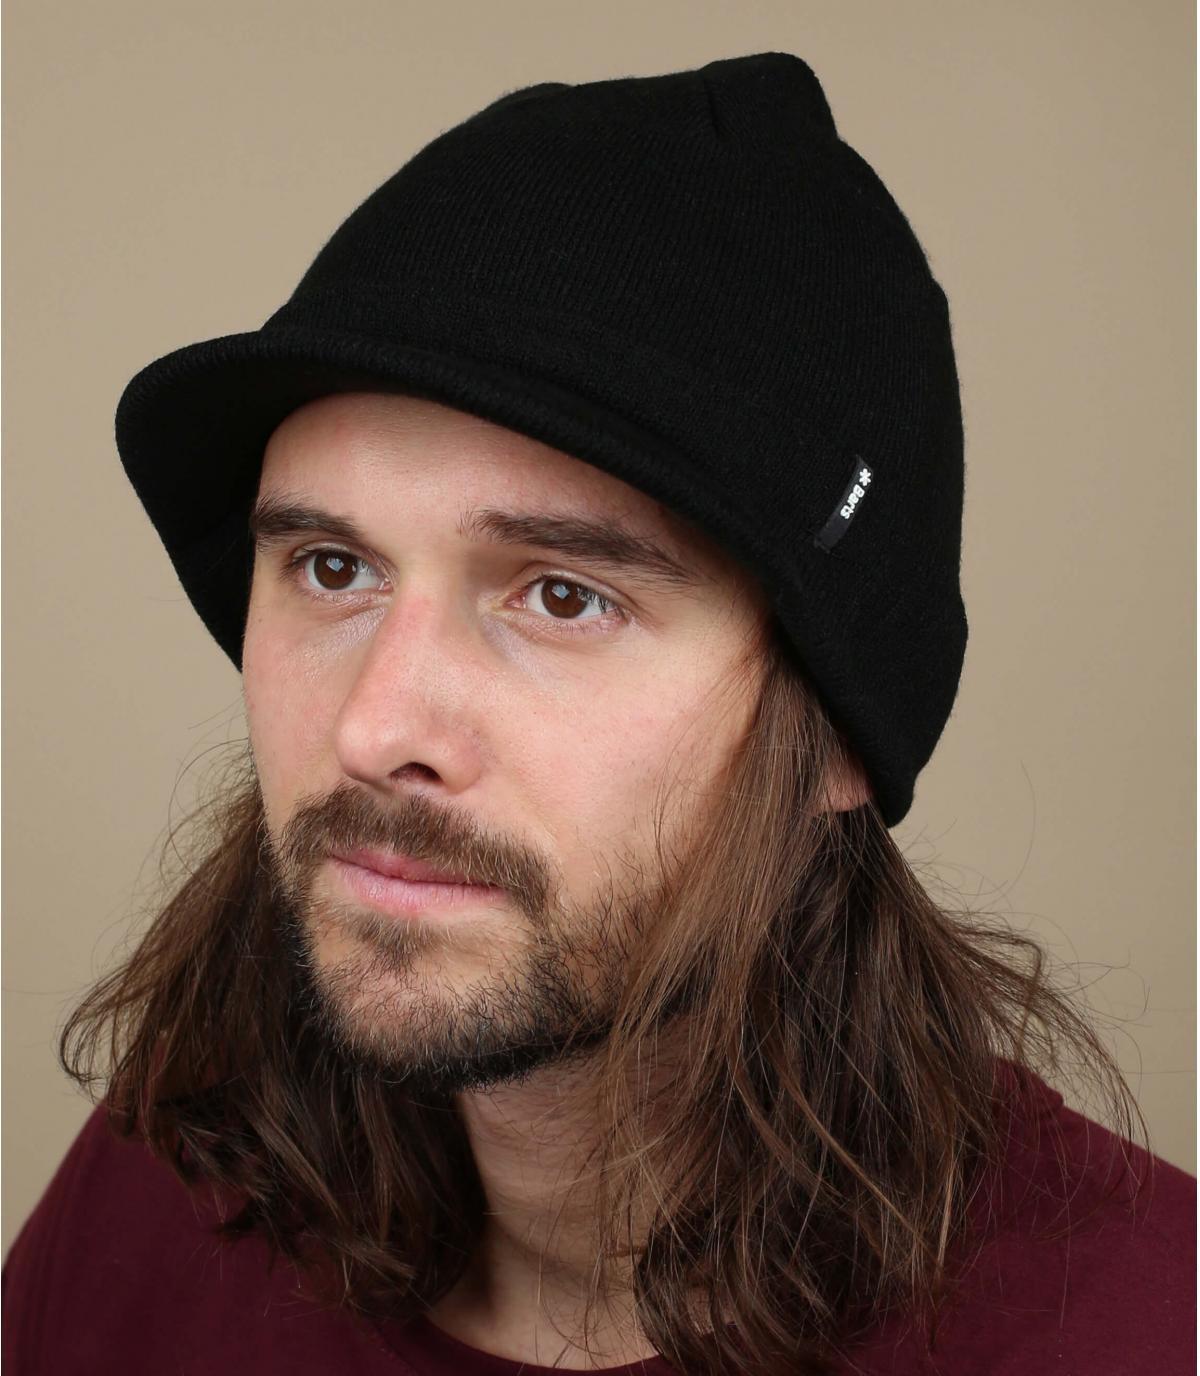 zwart vizier cap